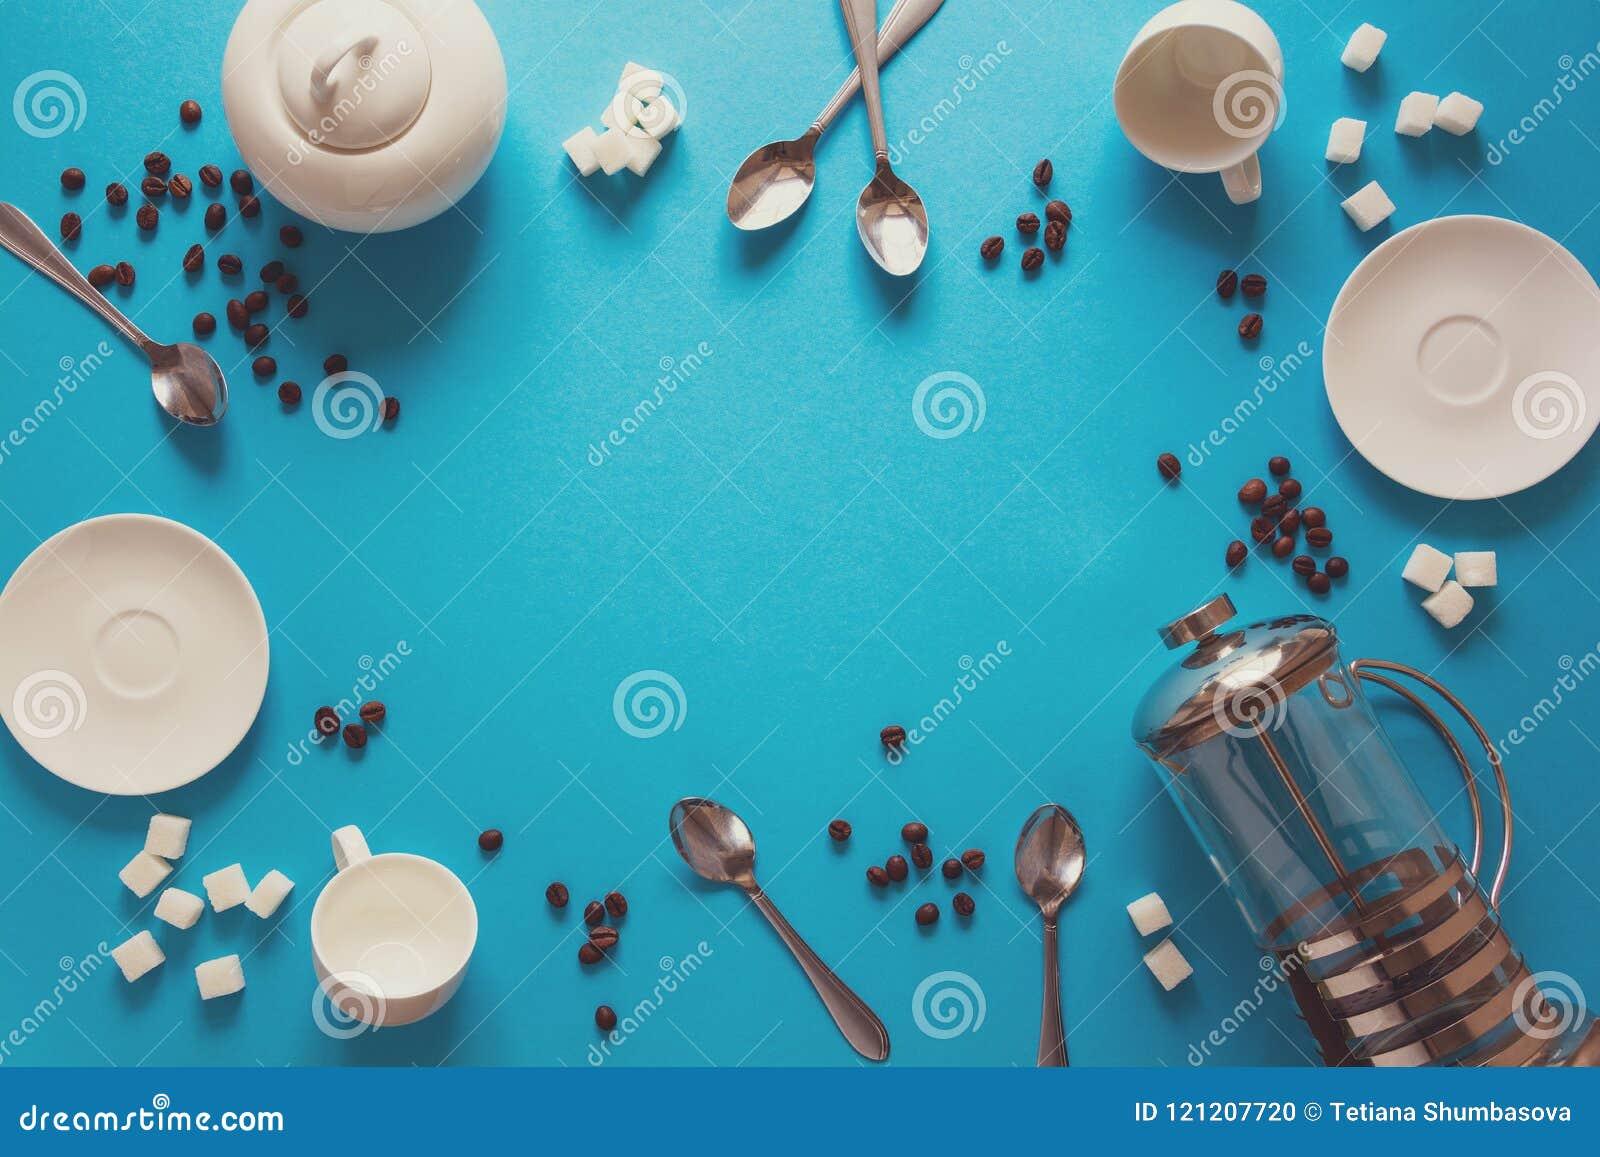 Verschiedener Kaffee, der Zubehör herstellt: Französischer French Press, Schalen, Untertassen, Kaffeebohnen, Löffel und Zucker au